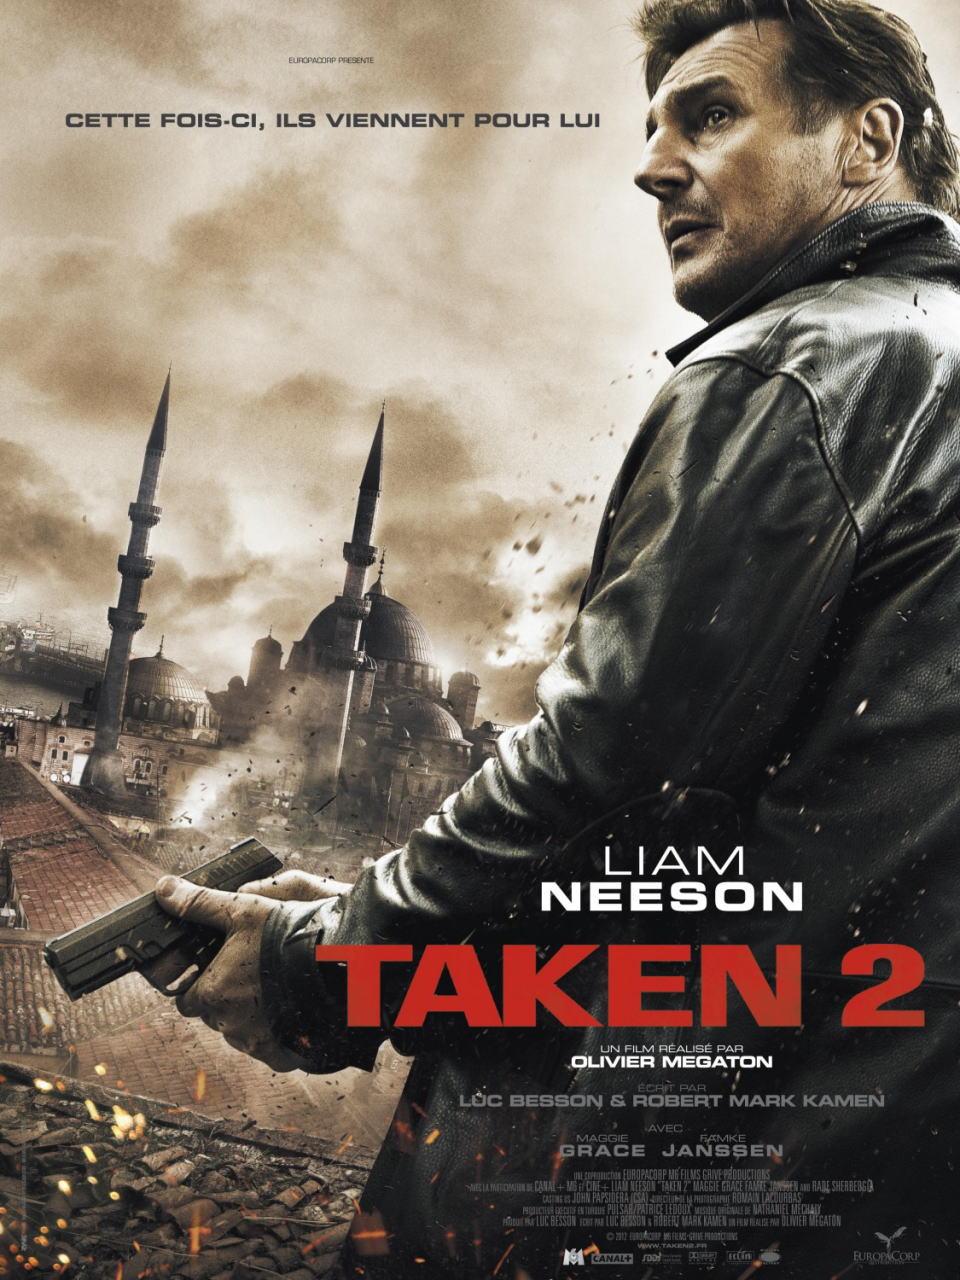 映画『96時間/リベンジ TAKEN 2』ポスター(4)▼ポスター画像クリックで拡大します。